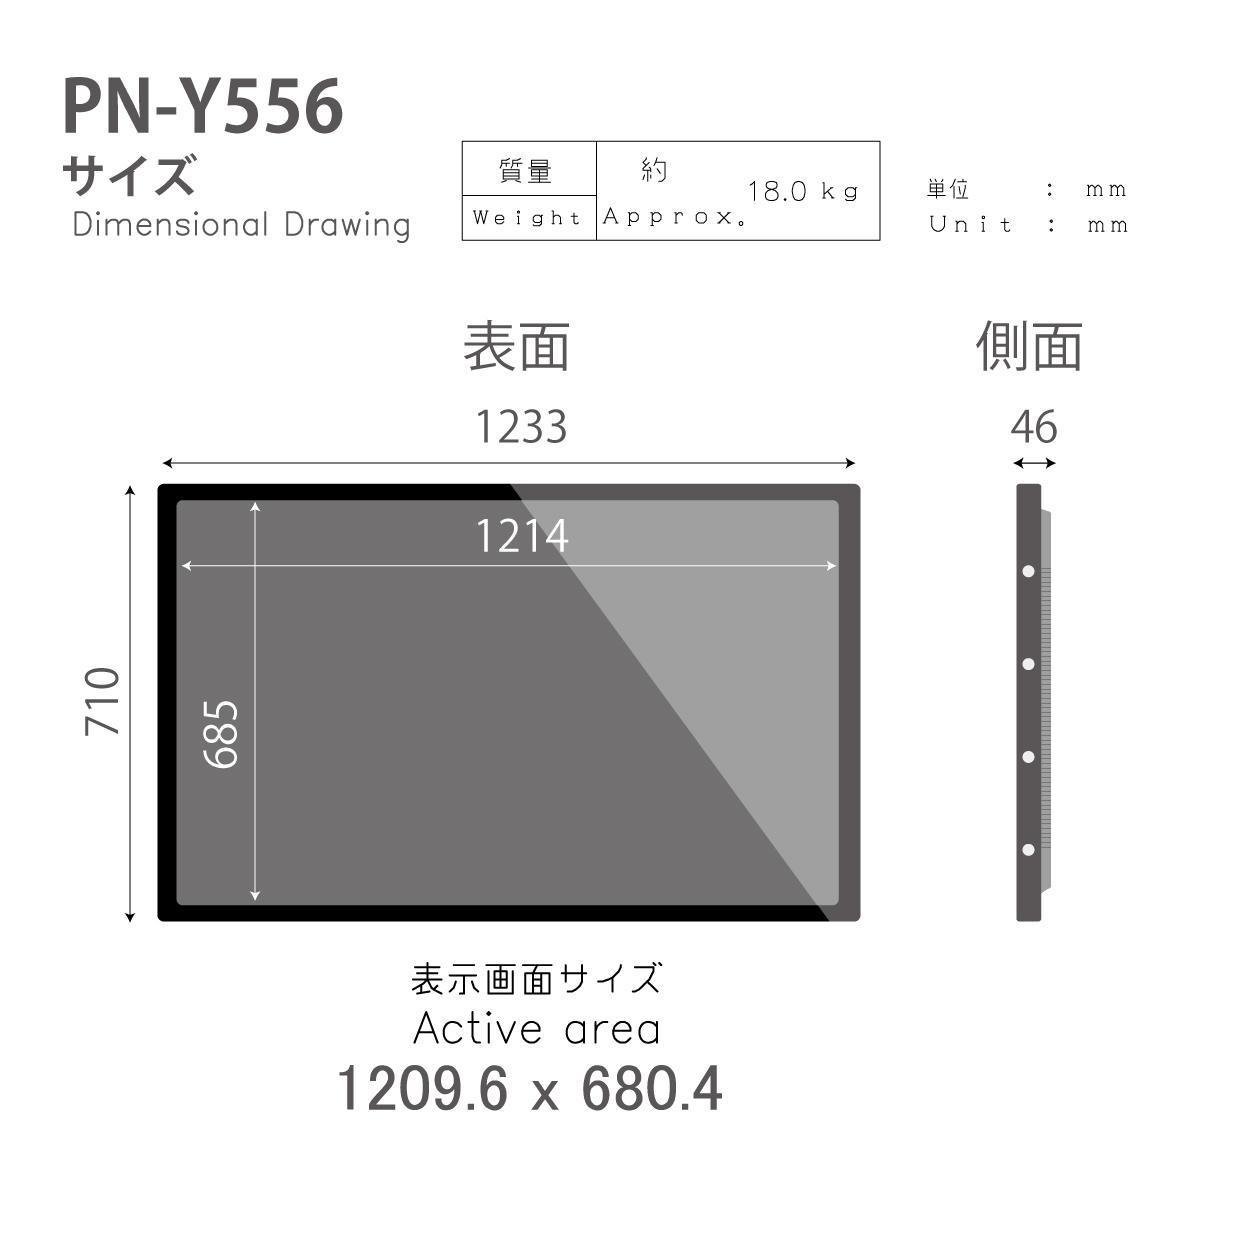 【メーカー欠品予約受付中】【シャープ】デジタルサイネージ PN-Y556 55インチタイプ